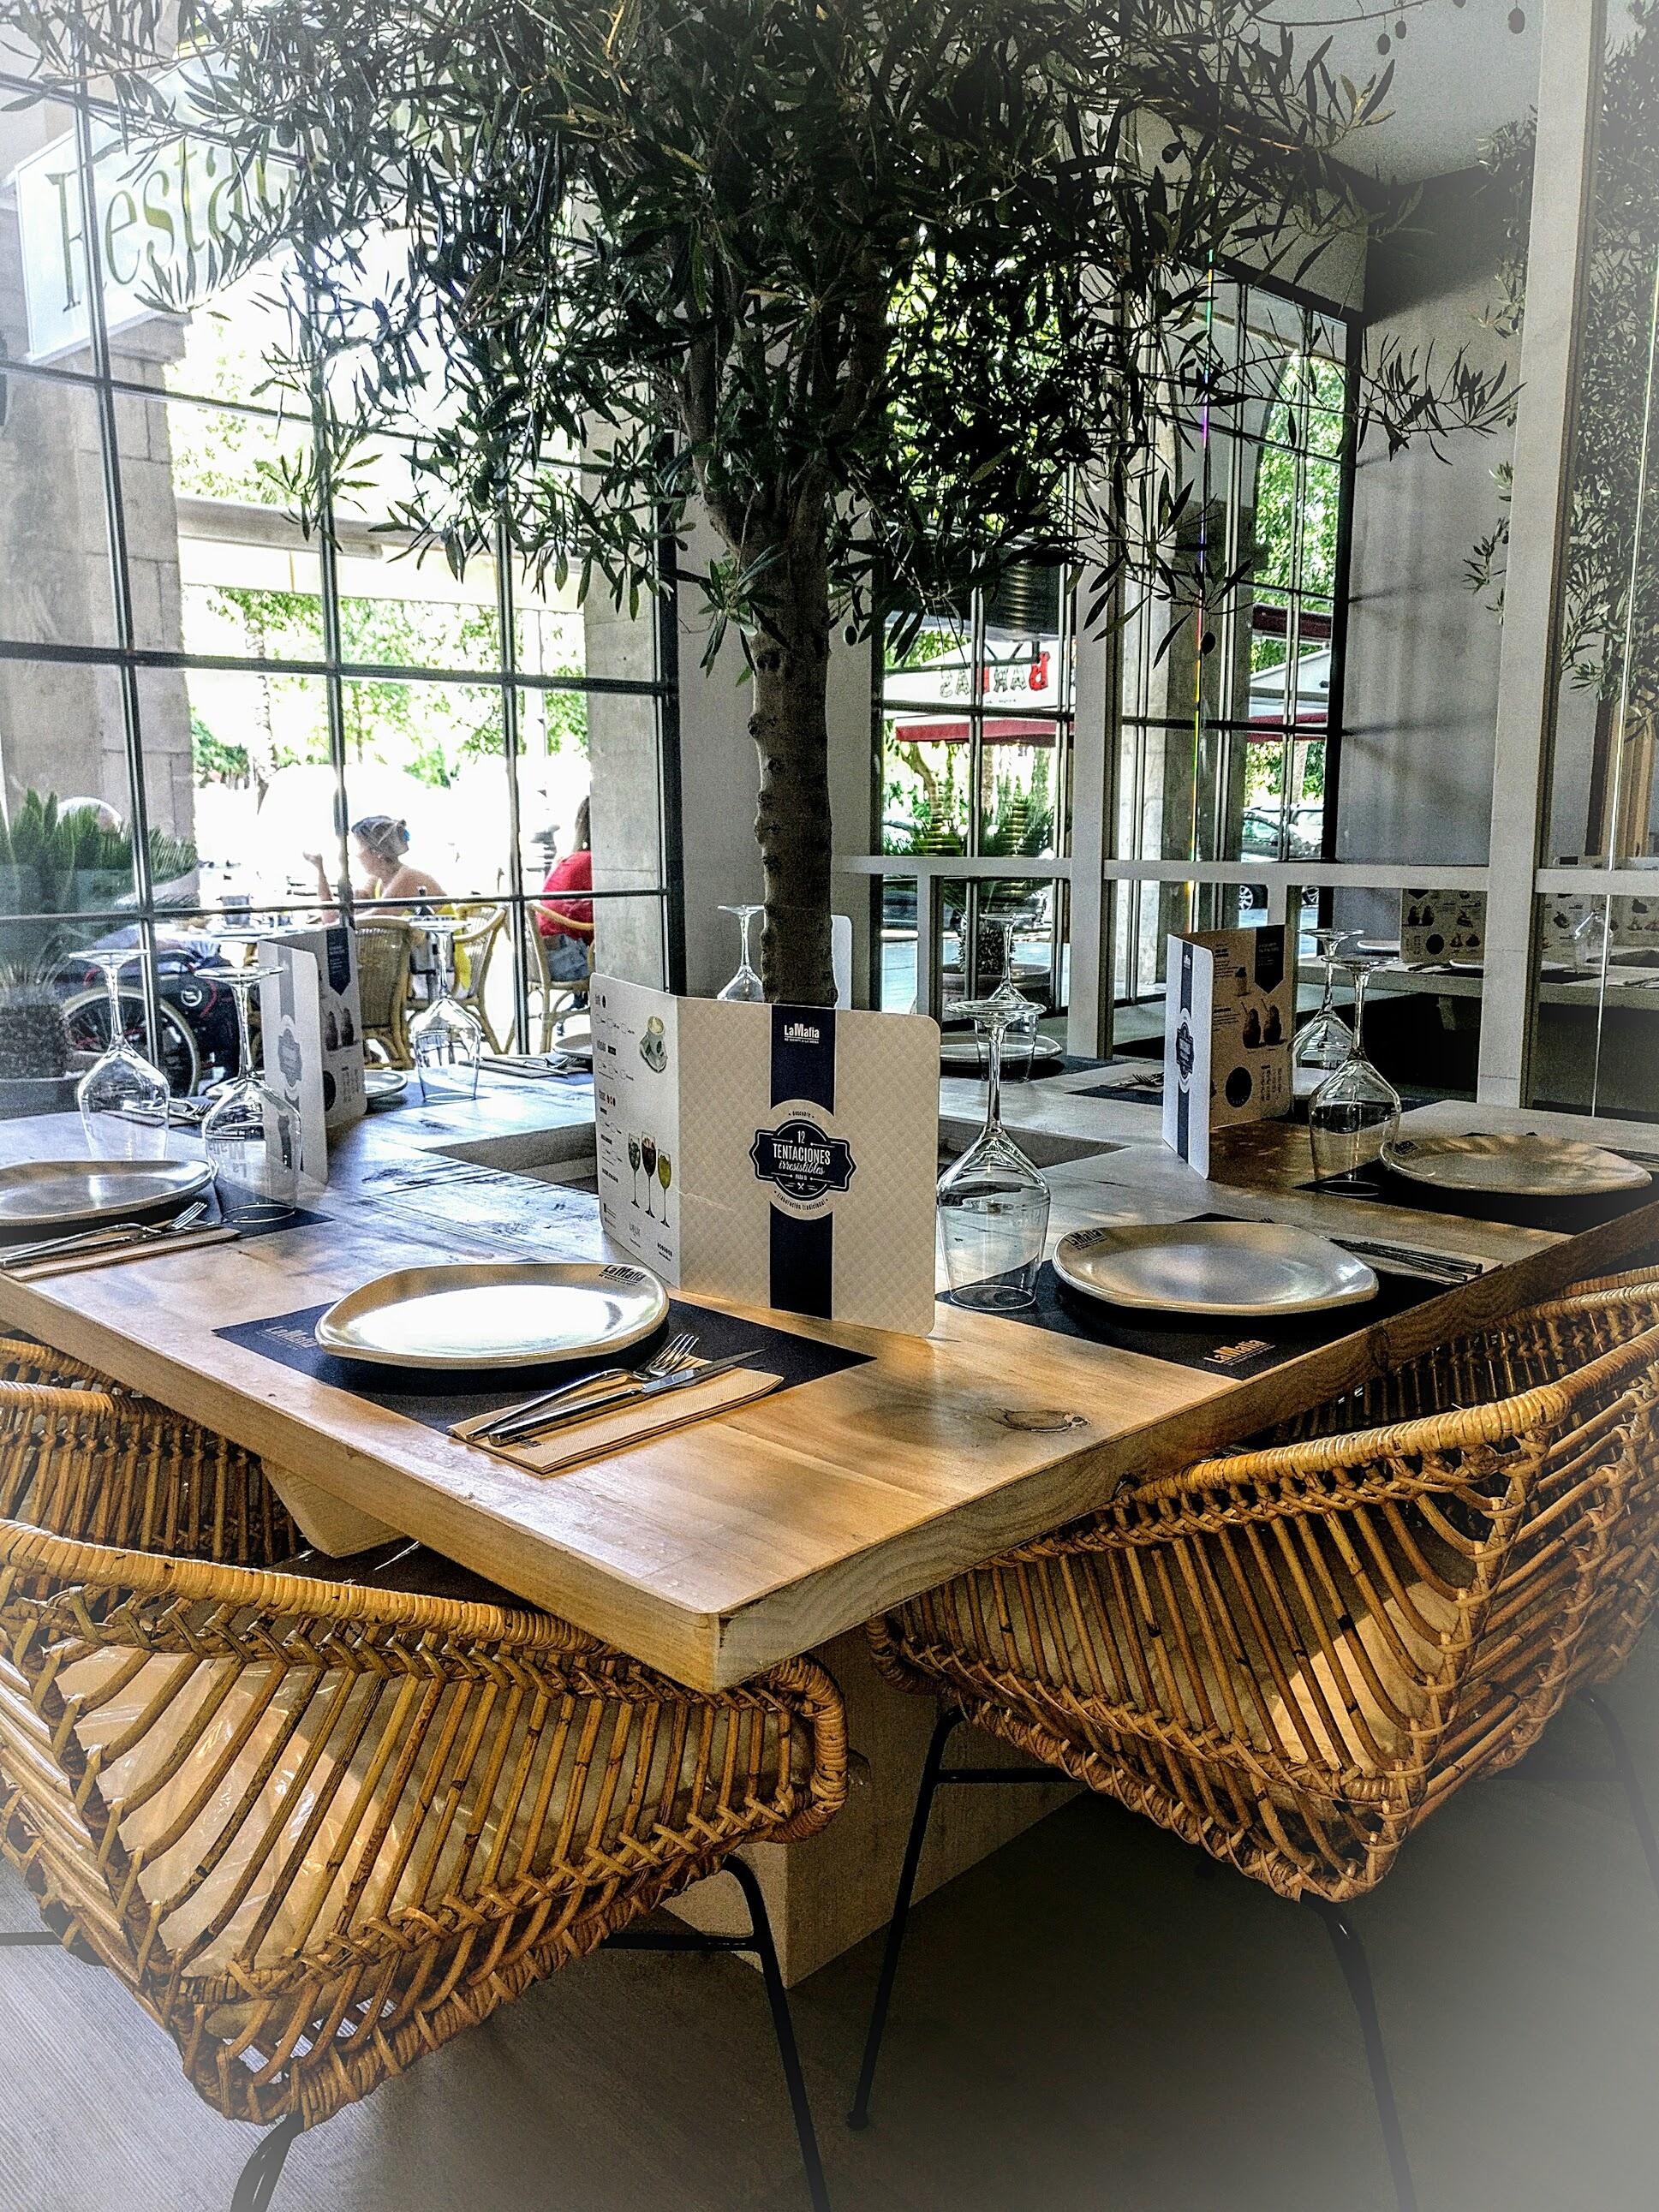 2017 07 29 15.13.36 - La Mafia se sienta a la mesa inauguró su restaurante en el centro de Palma